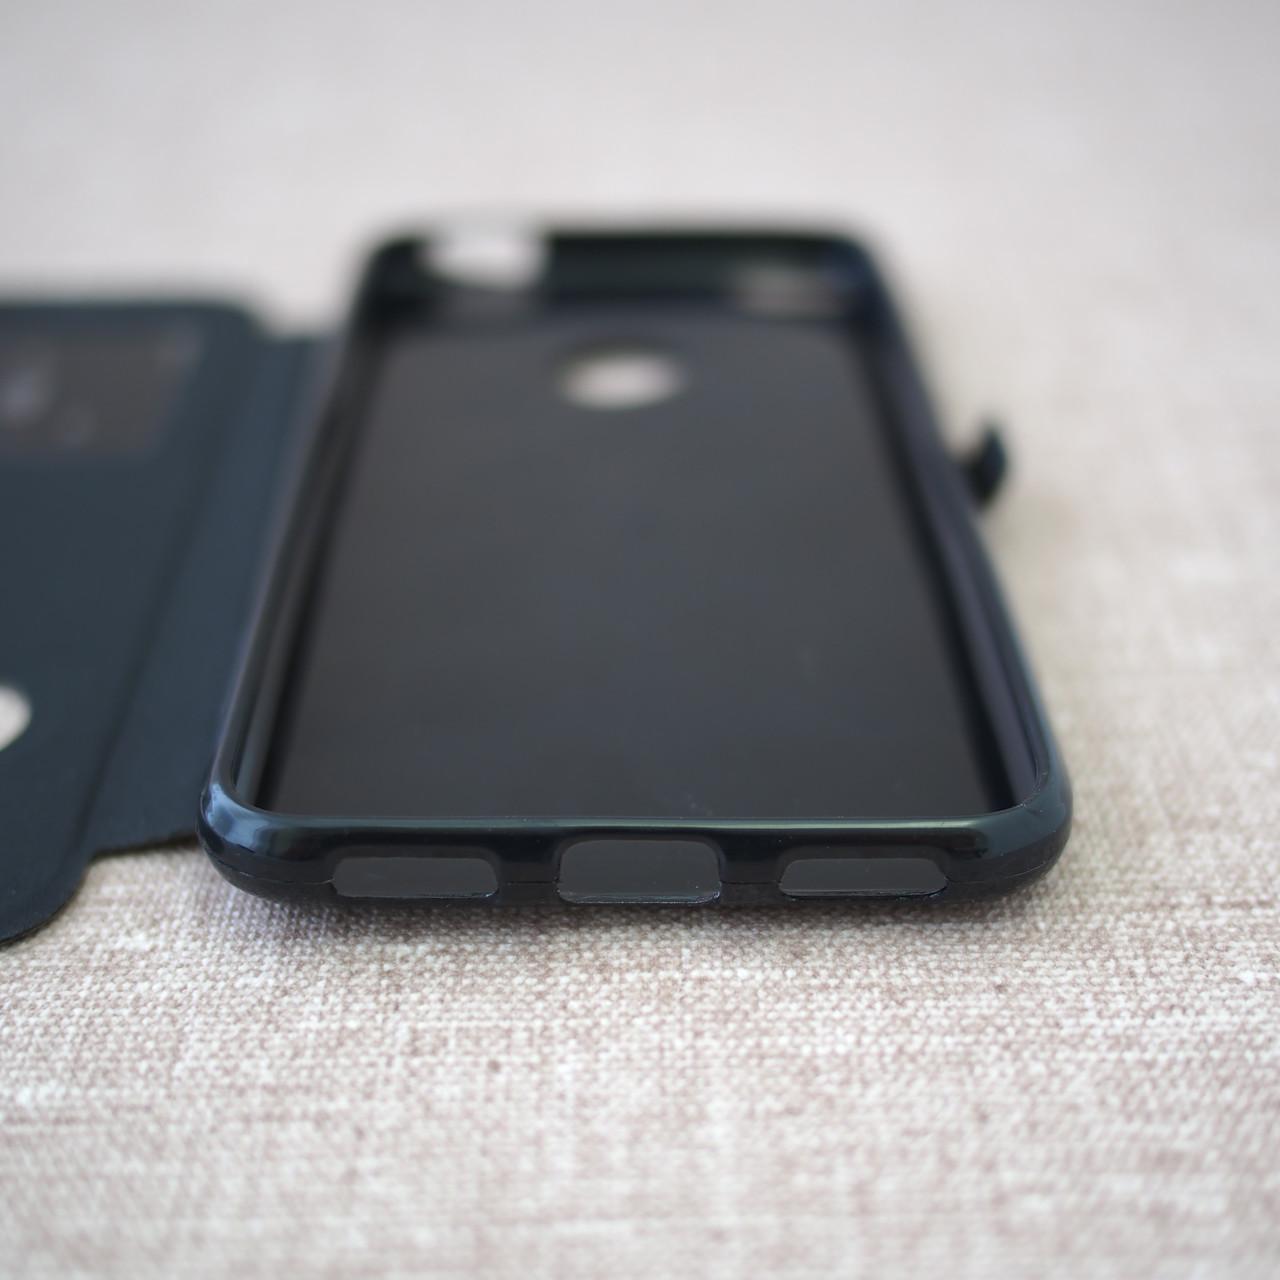 Чехол Window Huawei P8 Lite black Для телефона Черный